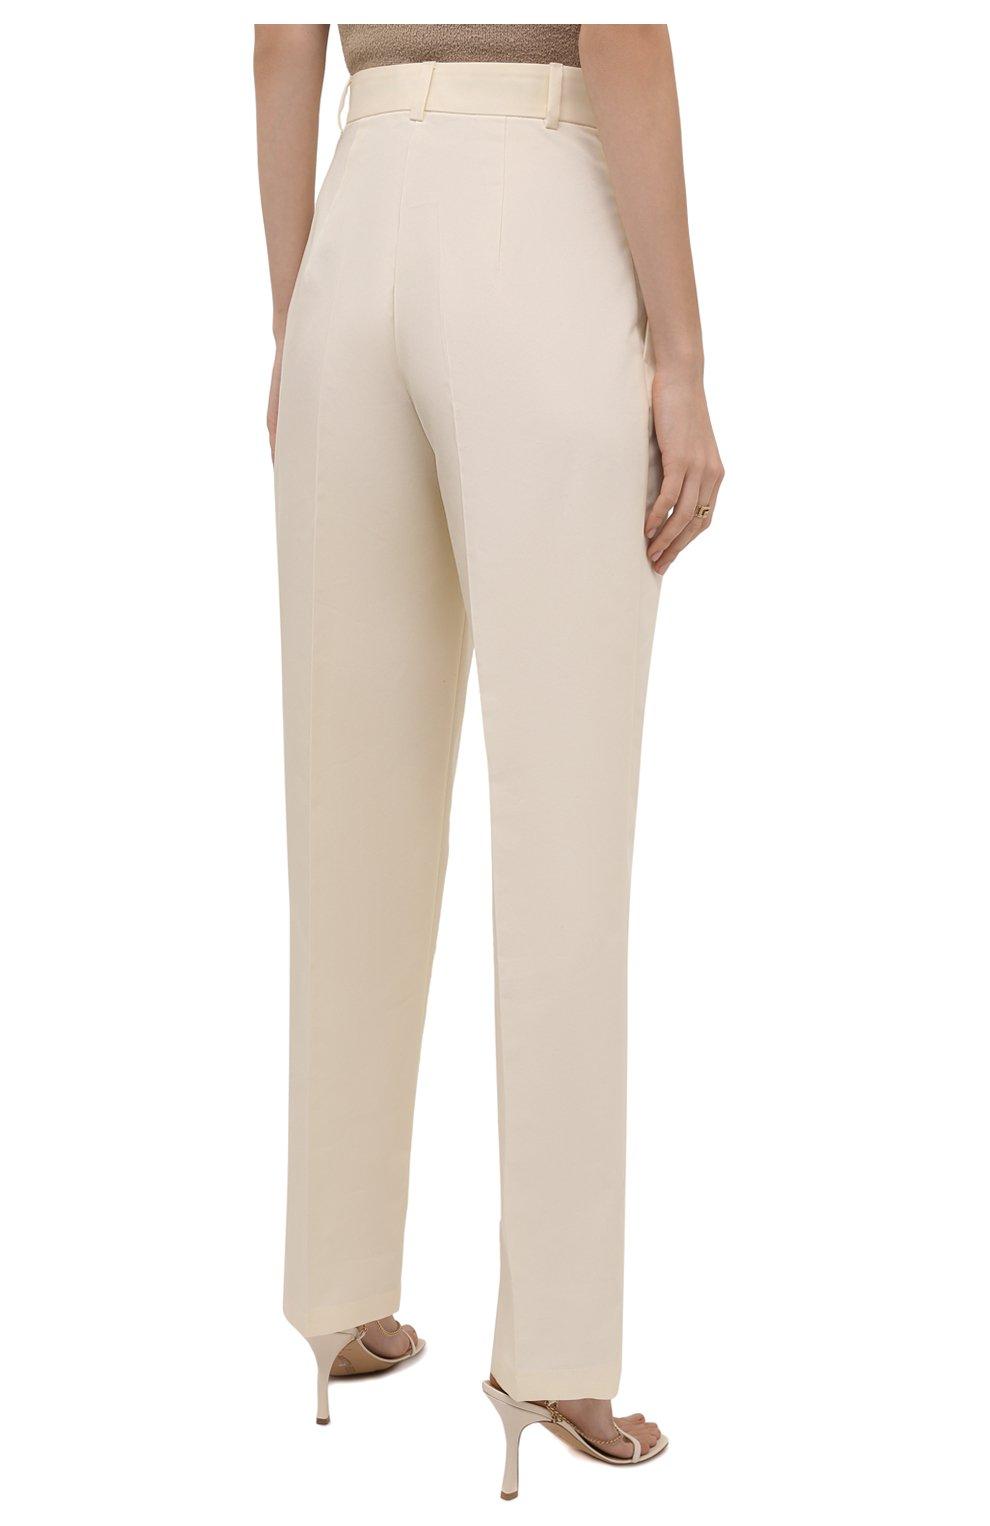 Женские хлопковые брюки PERVERT кремвого цвета, арт. PE21/PA02K/40-08 | Фото 4 (Длина (брюки, джинсы): Стандартные; Женское Кросс-КТ: Брюки-одежда; Материал внешний: Синтетический материал, Хлопок; Силуэт Ж (брюки и джинсы): Прямые; Стили: Кэжуэл)